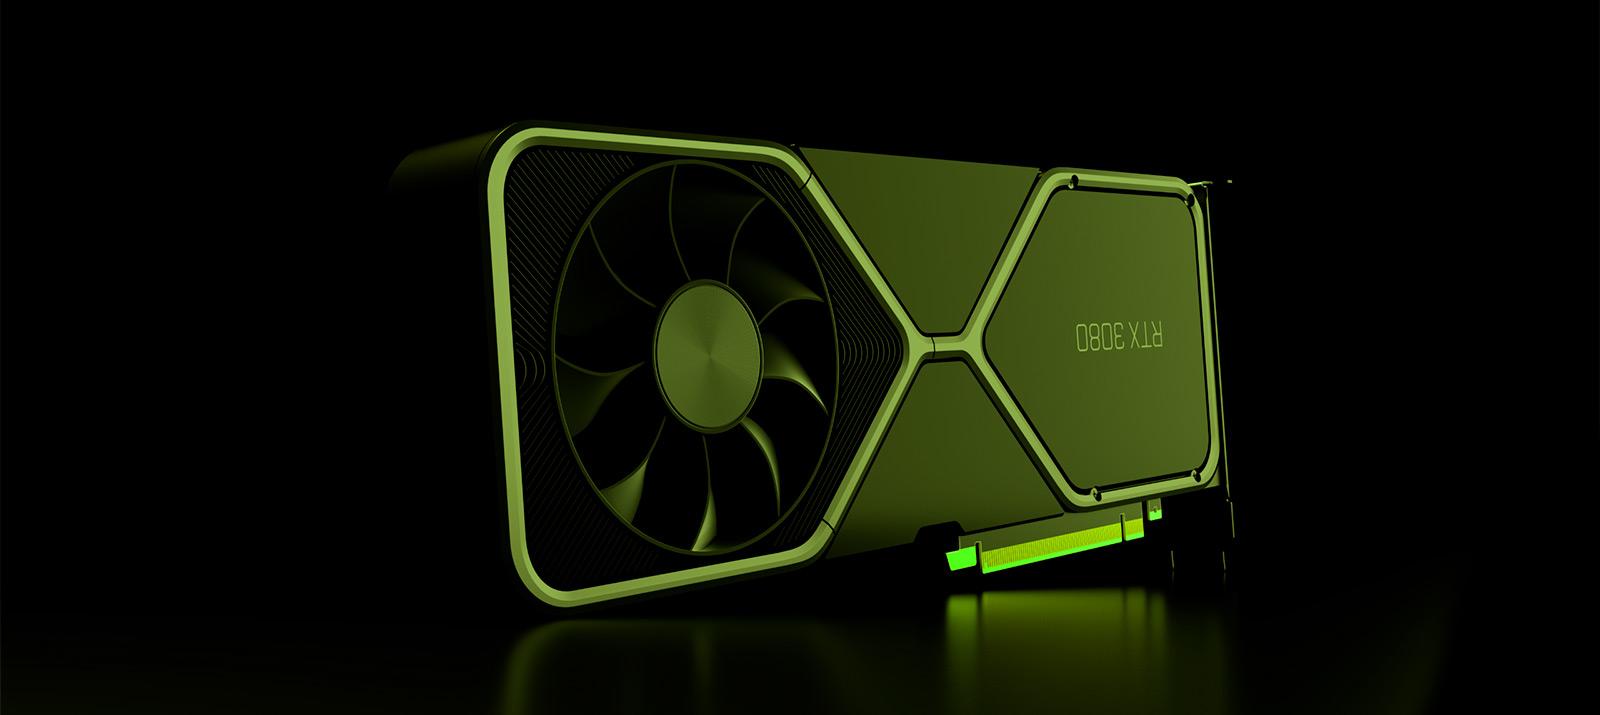 Слух: в сети появились фото и цены видеокарт Nvidia GeForce RTX 30xx